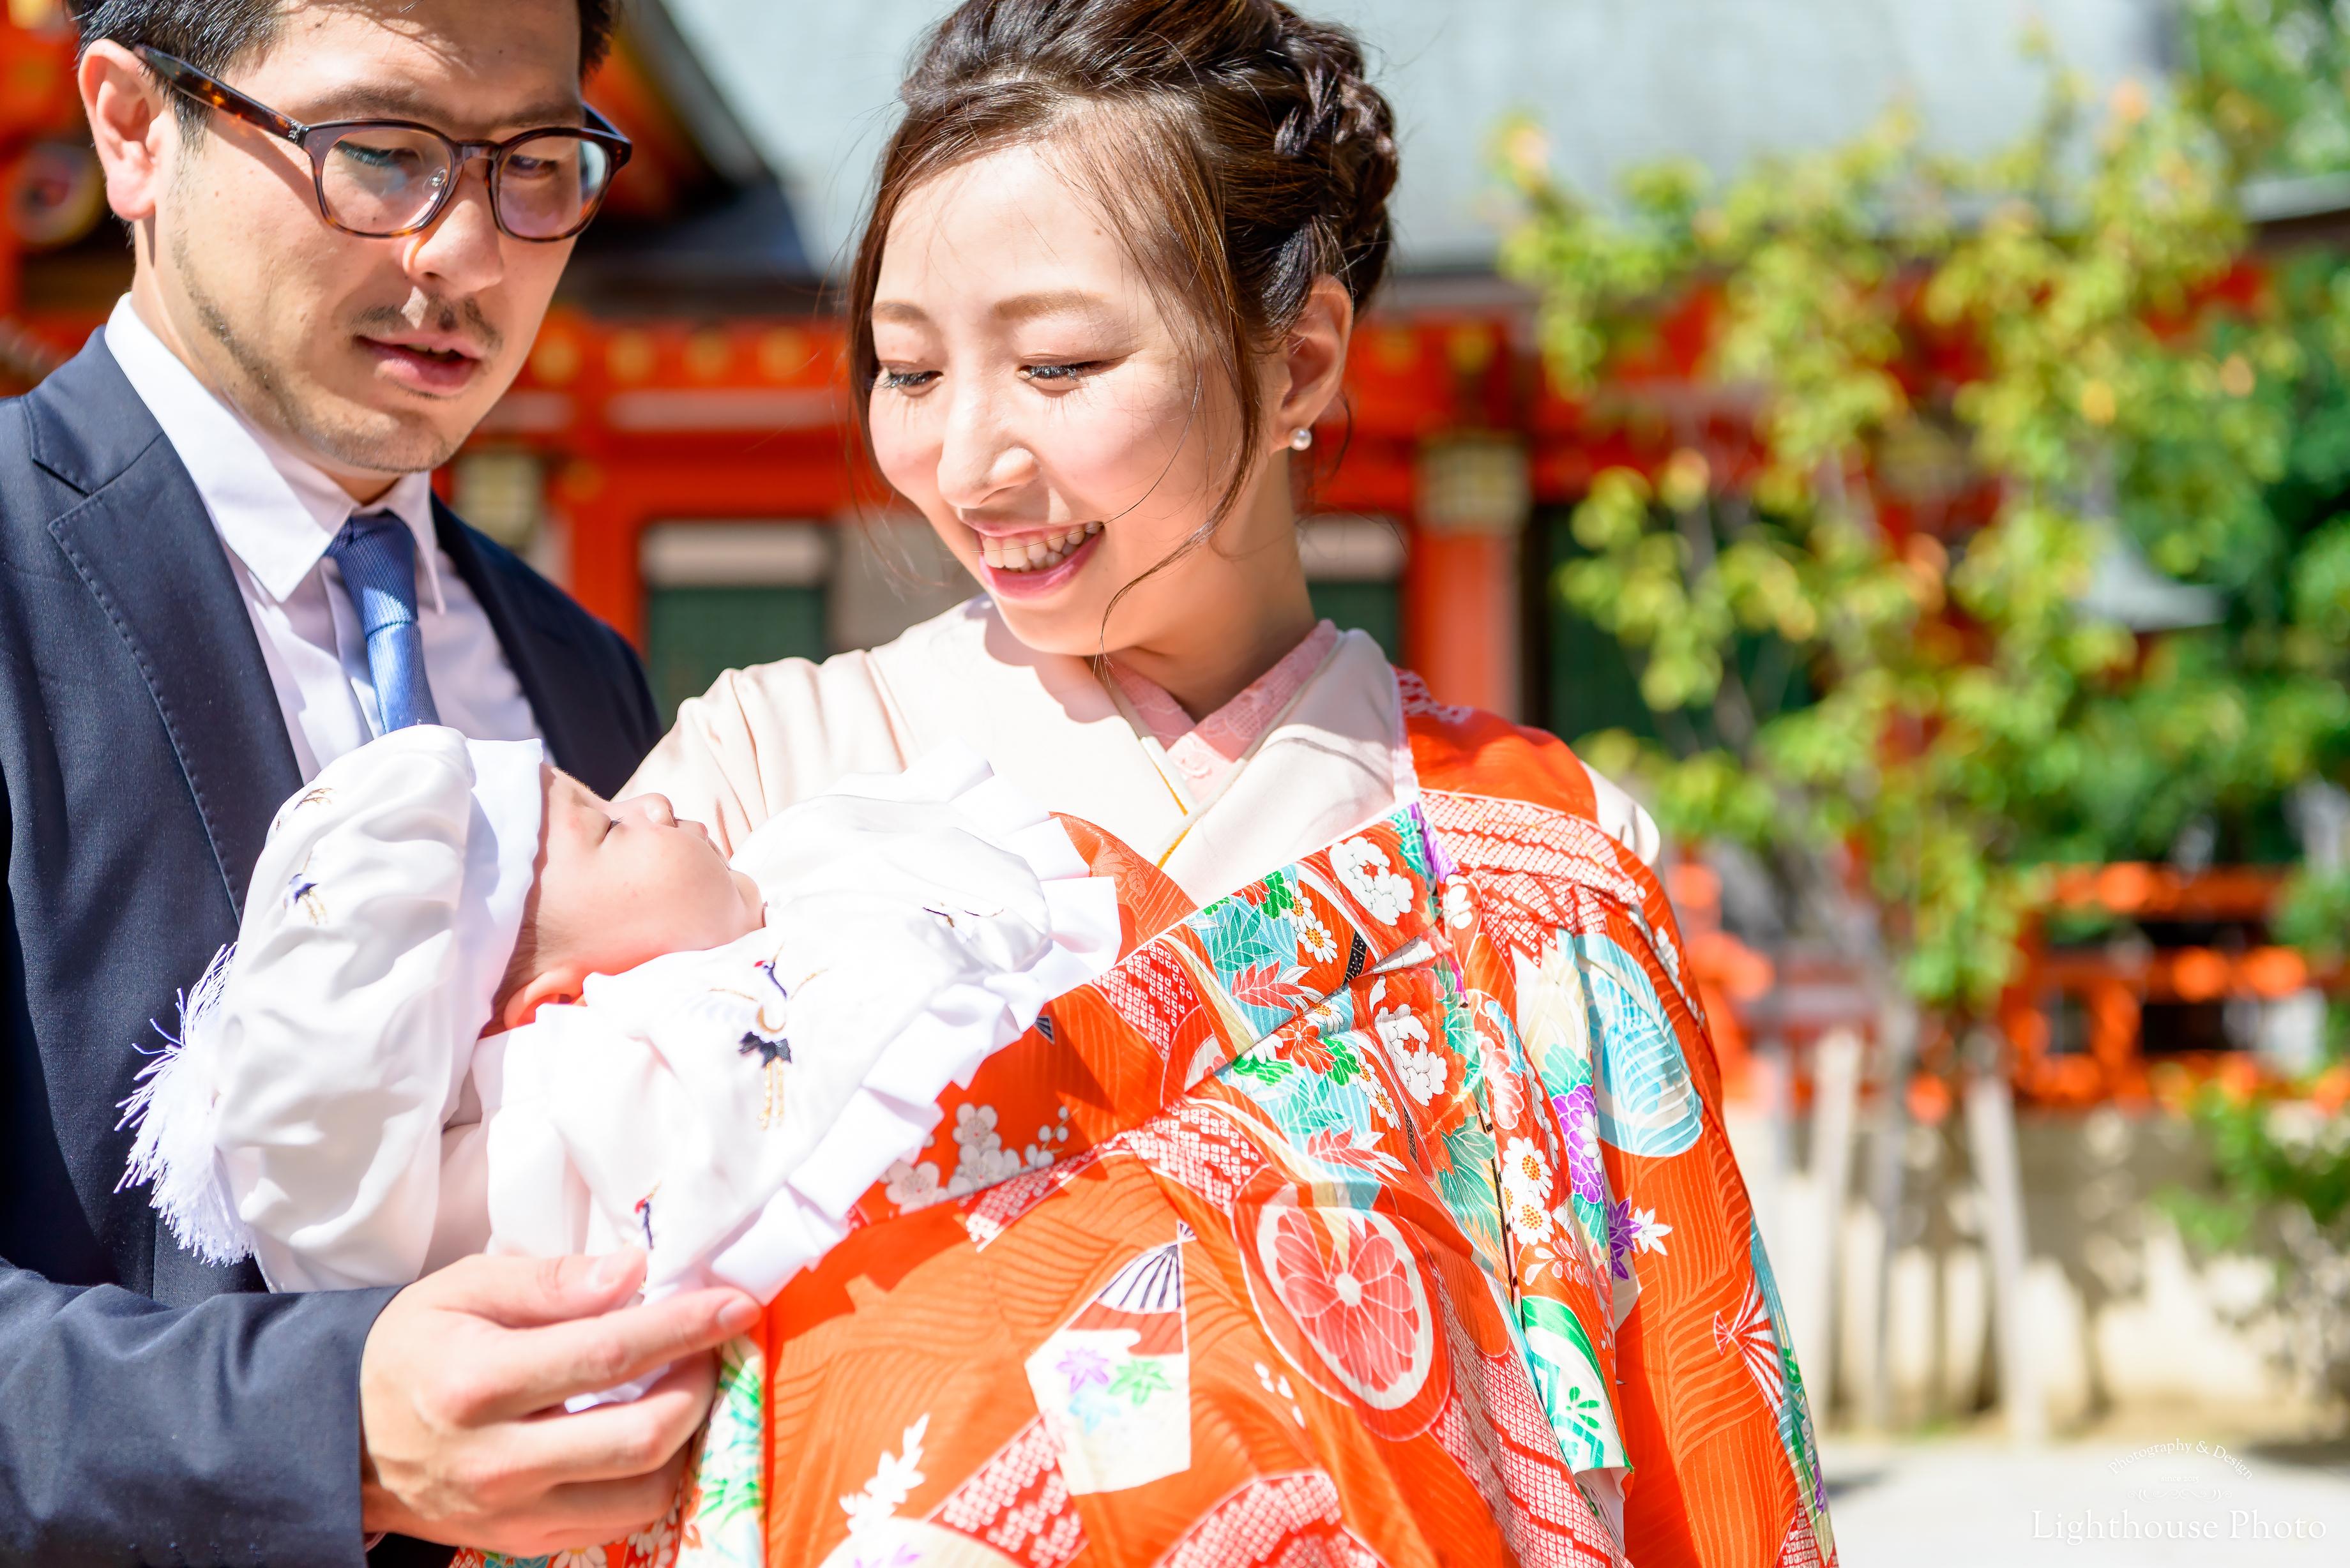 ふんわり明るい生田神社でお宮参り-1